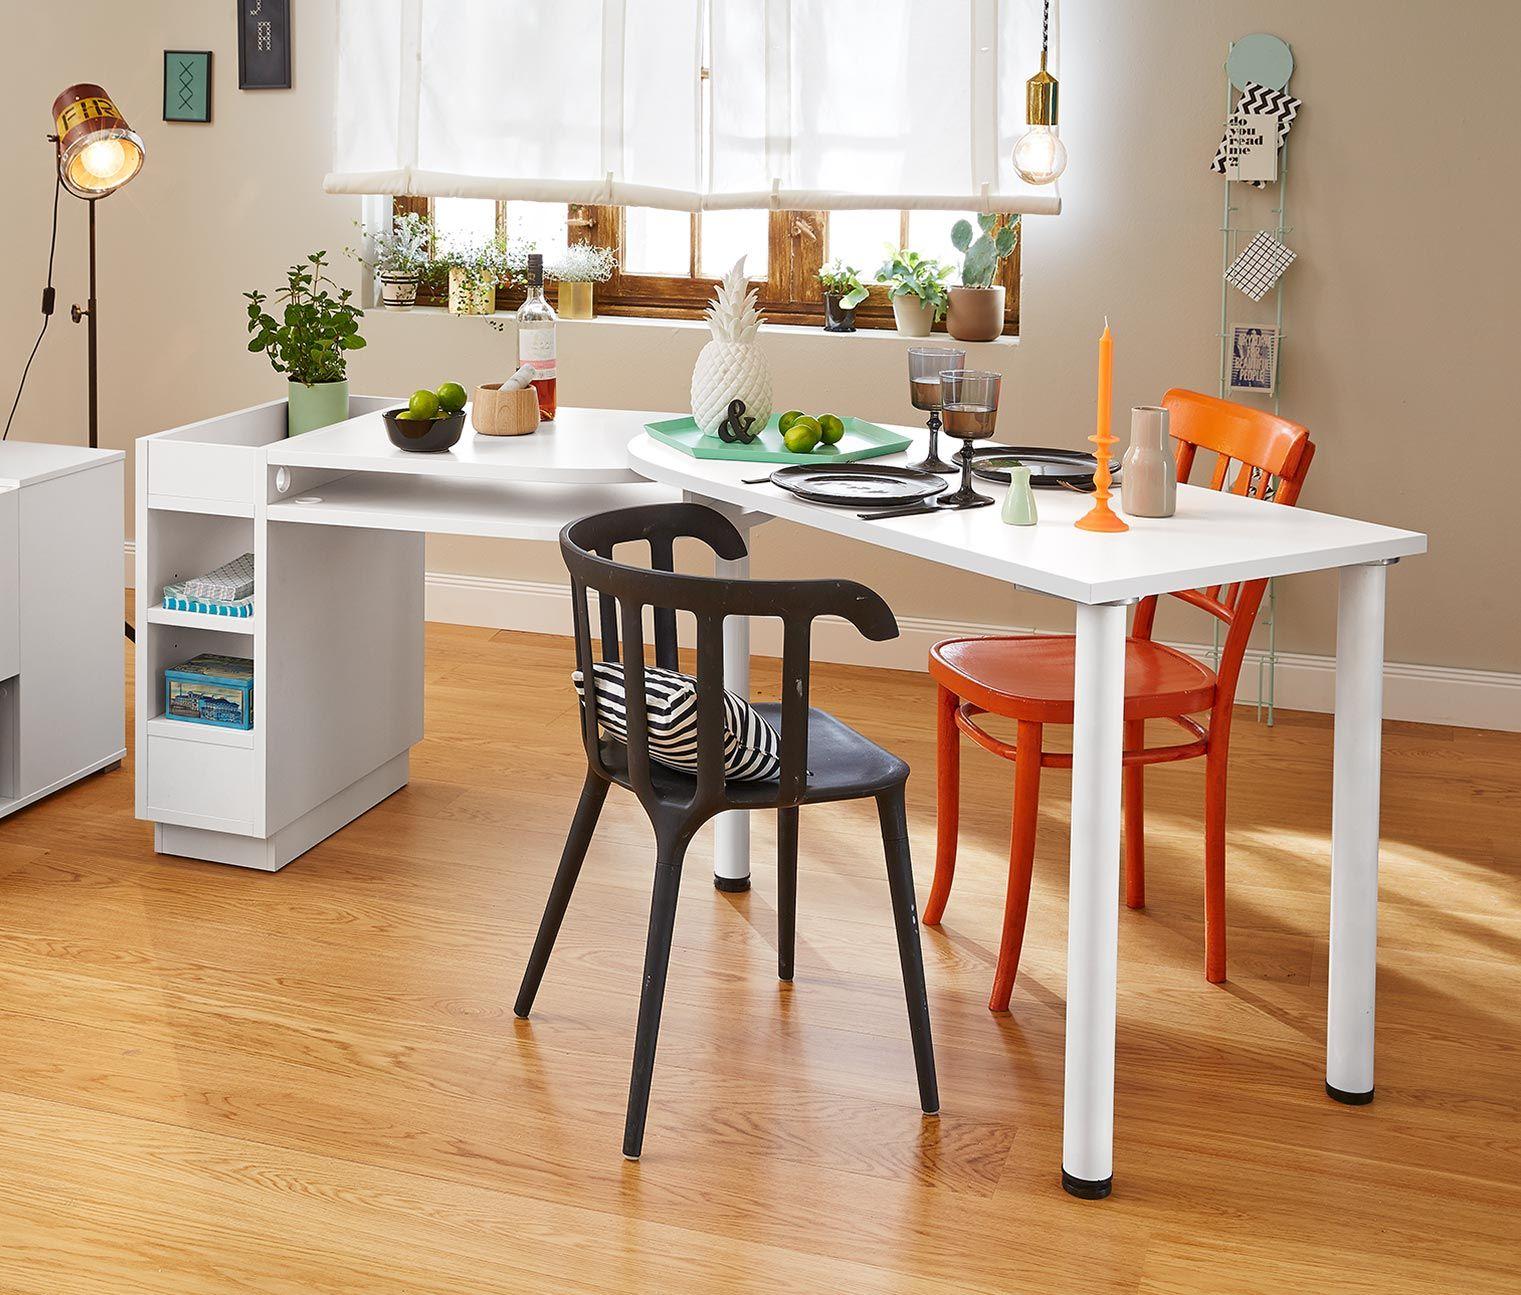 allzwecktisch online bestellen bei tchibo 314953 diy deko und einrichtung pinterest. Black Bedroom Furniture Sets. Home Design Ideas